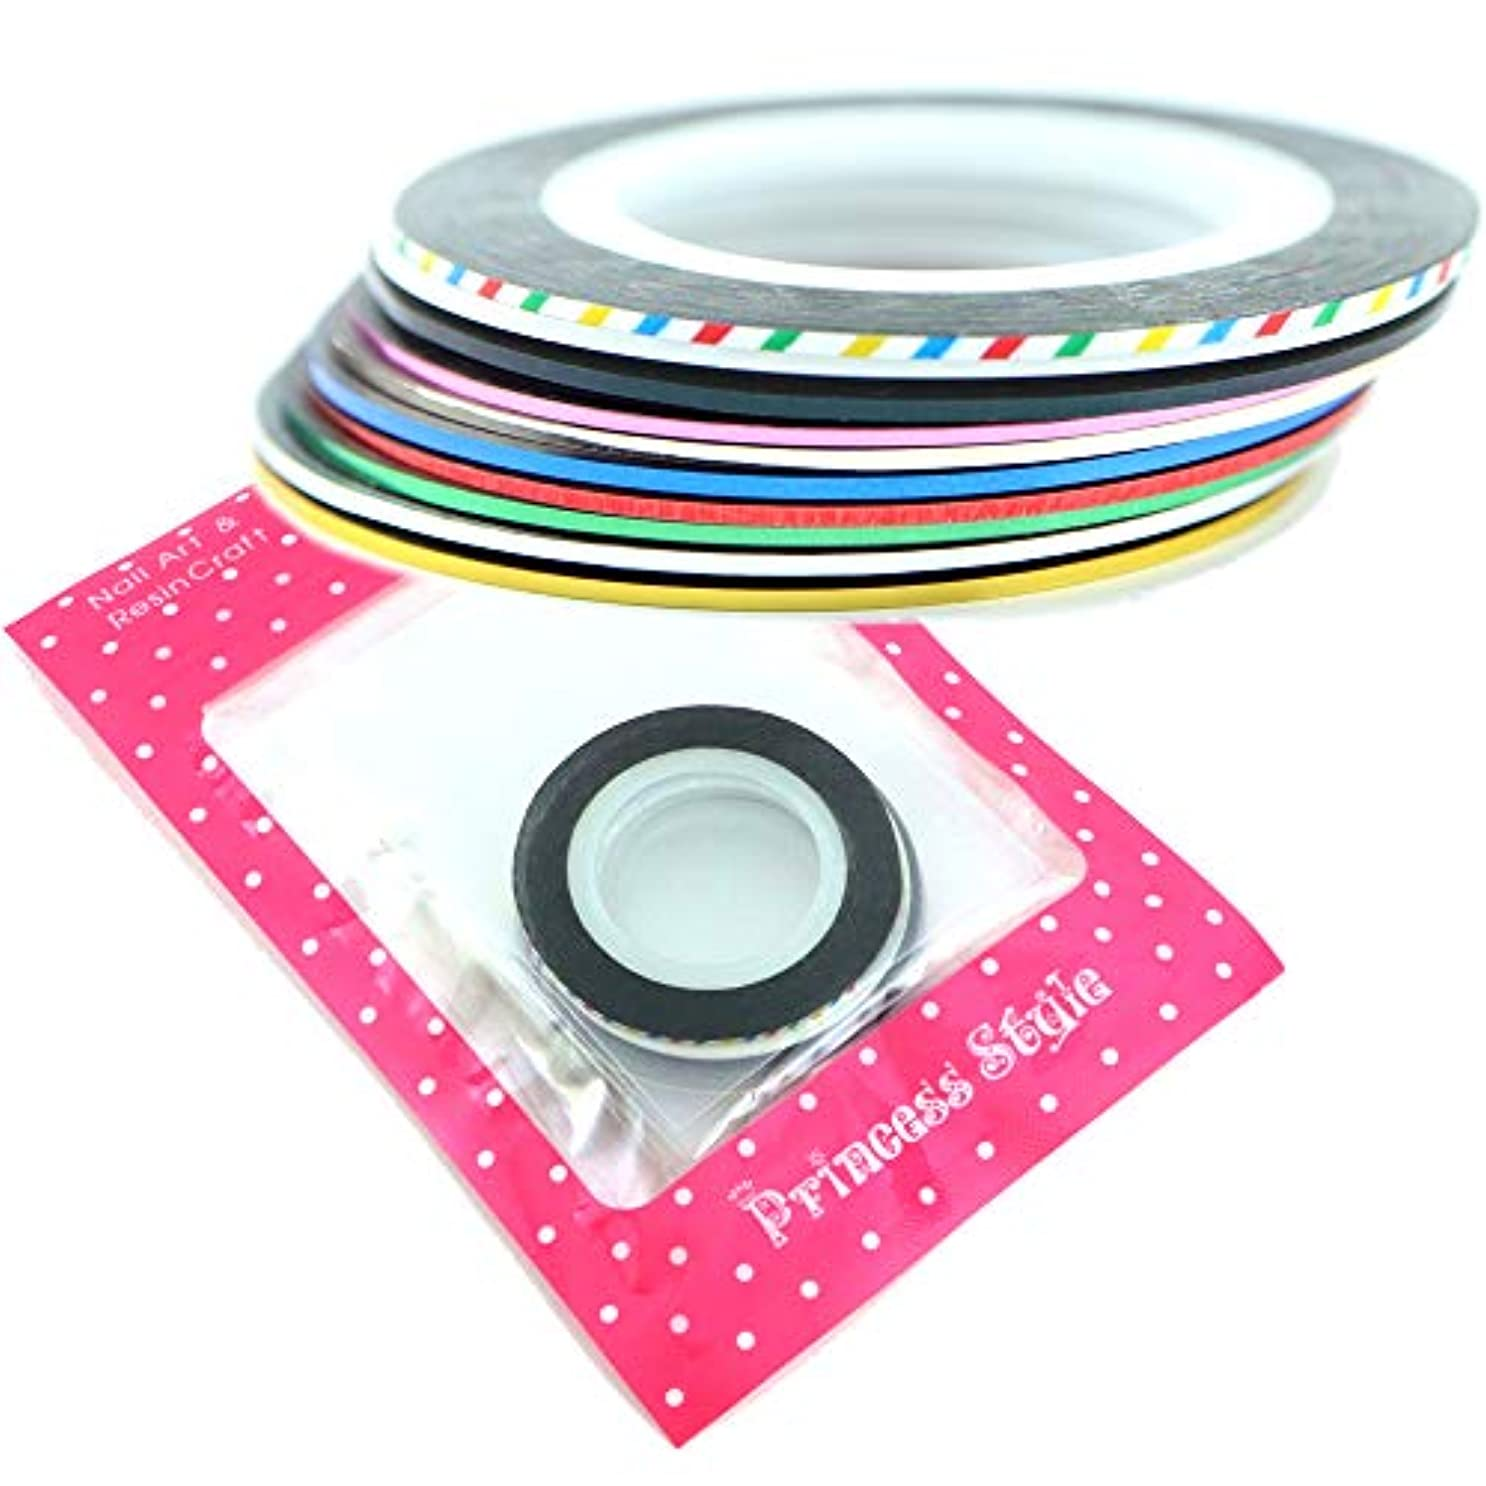 ネイル ラインテープ ネイルシール ジェルネイル ネイルアート用 1mm幅×20m巻 (新10色セット)